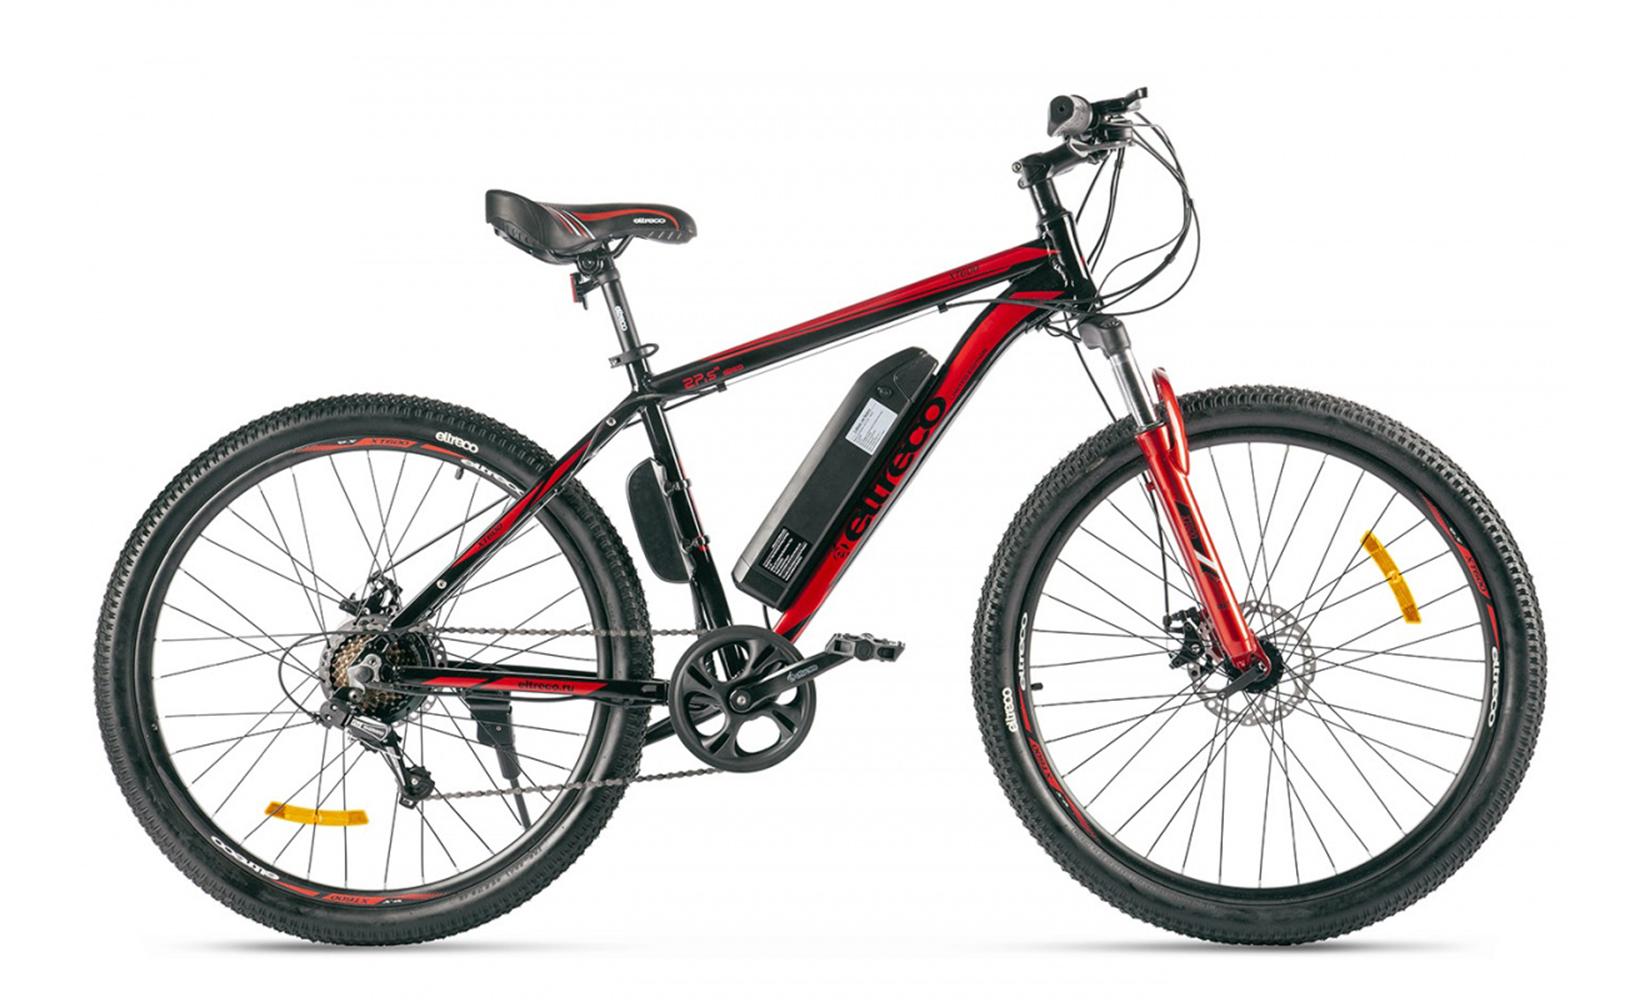 Электровелосипед Eltreco XT 600 Limited edition (2020) (Черный)